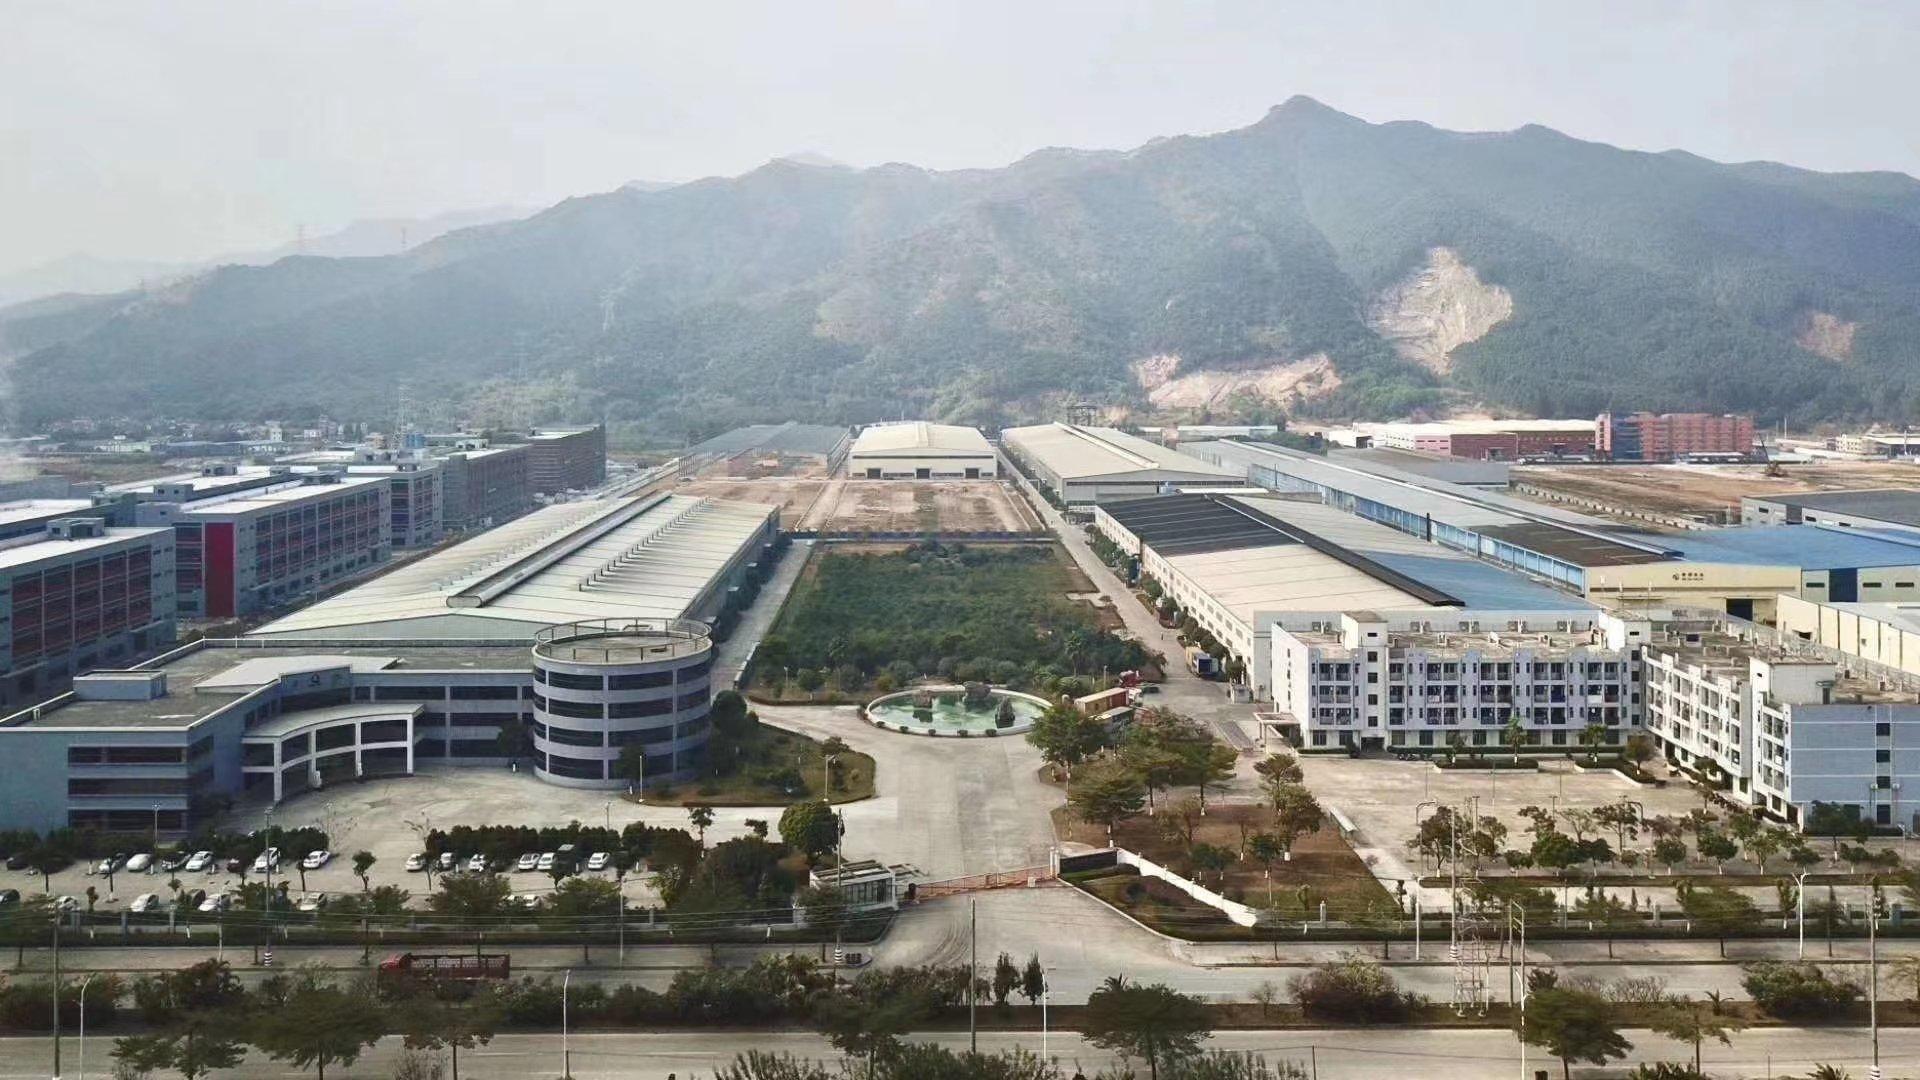 肇庆金利镇花园厂房70000平方钢构有房产证蒸汽管道天然气管